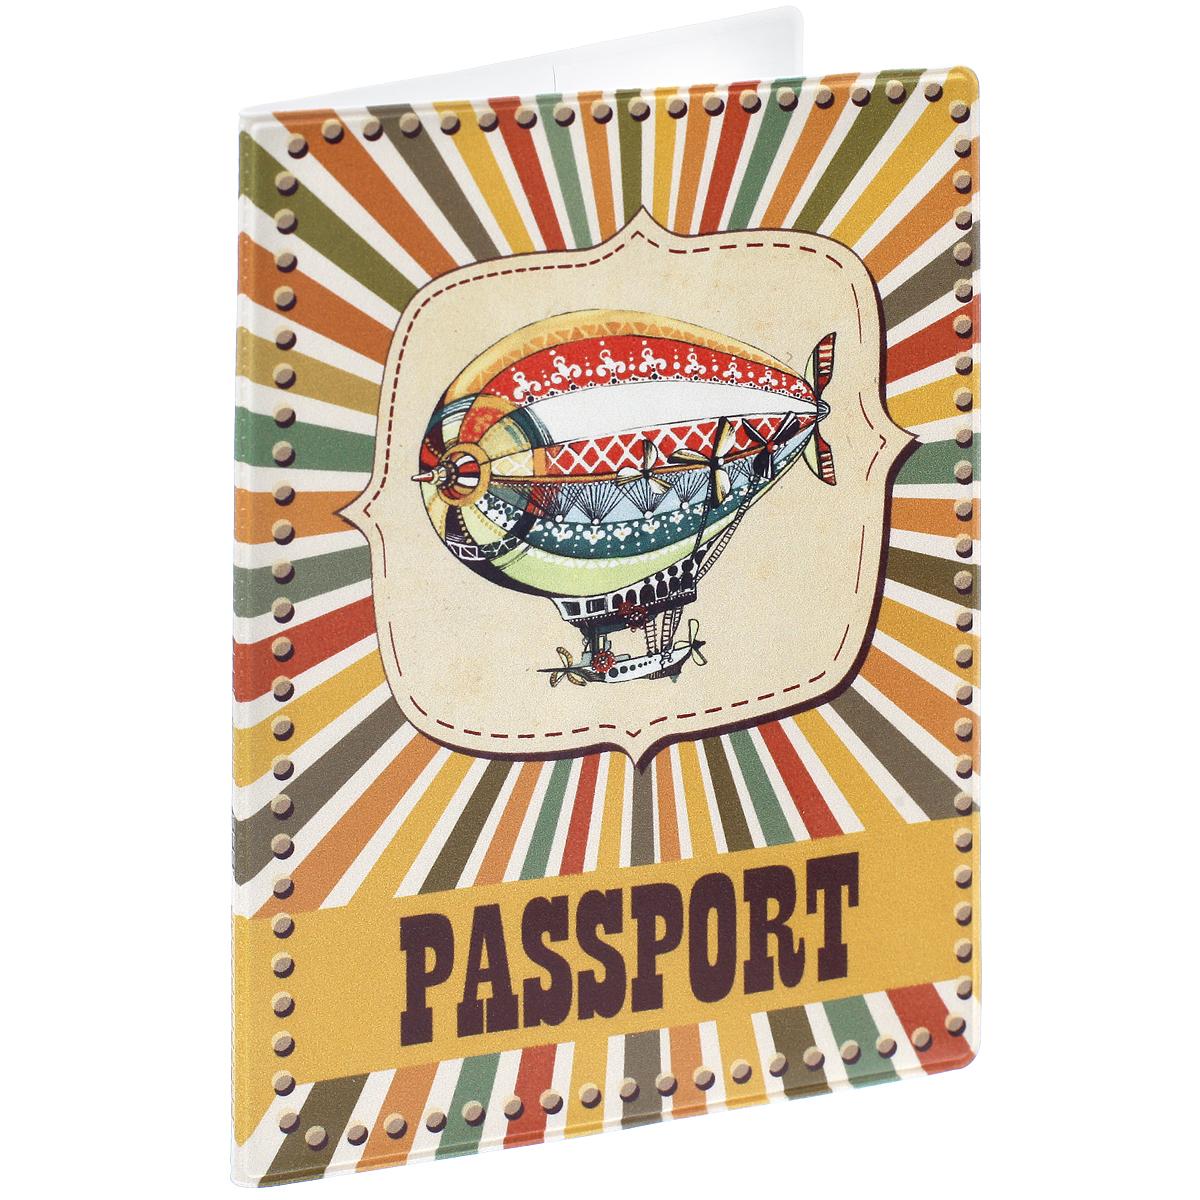 Обложка для паспорта Дирижабль, цвет: разноцветный. 35687730Обложка для паспорта Дирижабль не только поможет сохранить внешний вид ваших документов и защитить их от повреждений, но и станет стильным аксессуаром, идеально подходящим вашему образу. Обложка выполнена из поливинилхлорида и оформлена оригинальным изображением дирижабля. Внутри имеет два вертикальных кармана из прозрачного пластика. Такая обложка поможет вам подчеркнуть свою индивидуальность и неповторимость!